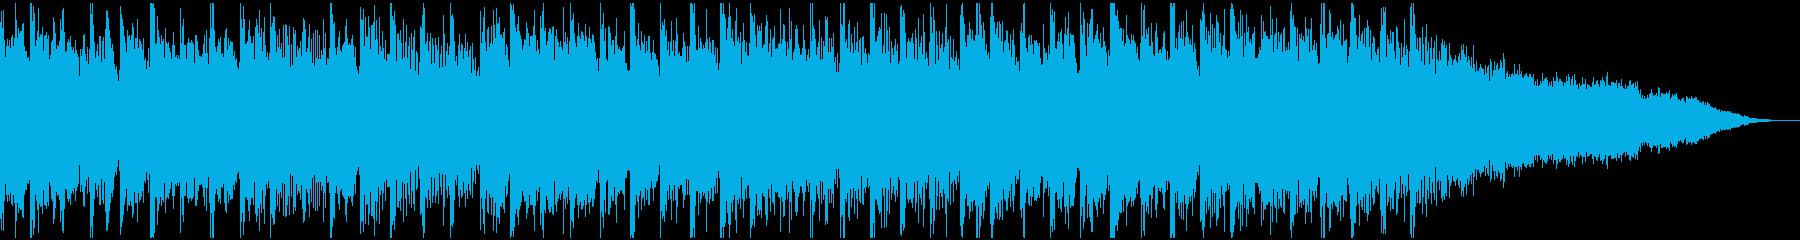 企業VP,コーポレート,さわやか,30秒の再生済みの波形